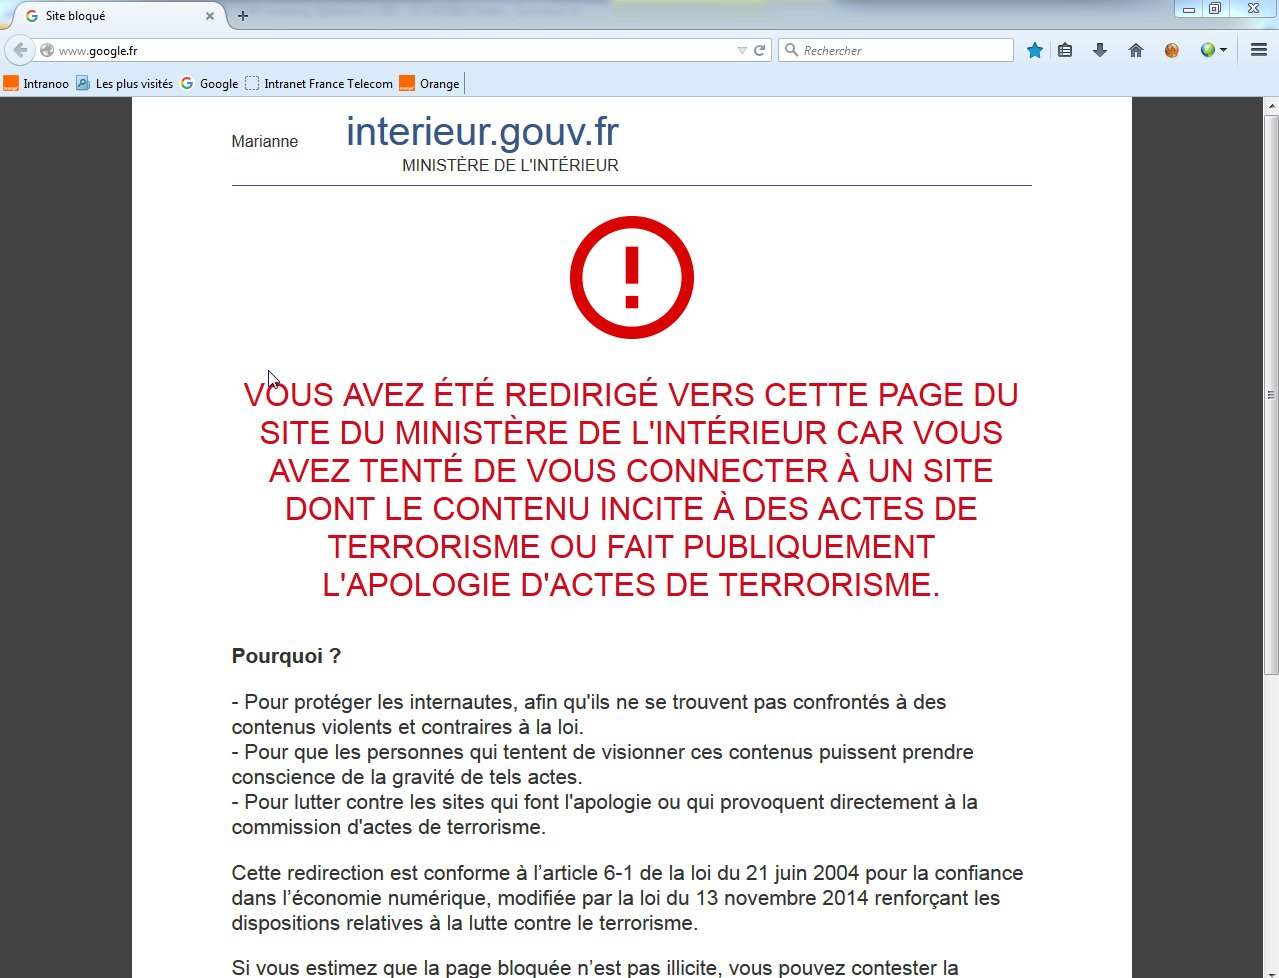 Les sites de Google, Wikipédia et OVH momentanément bloqués pour